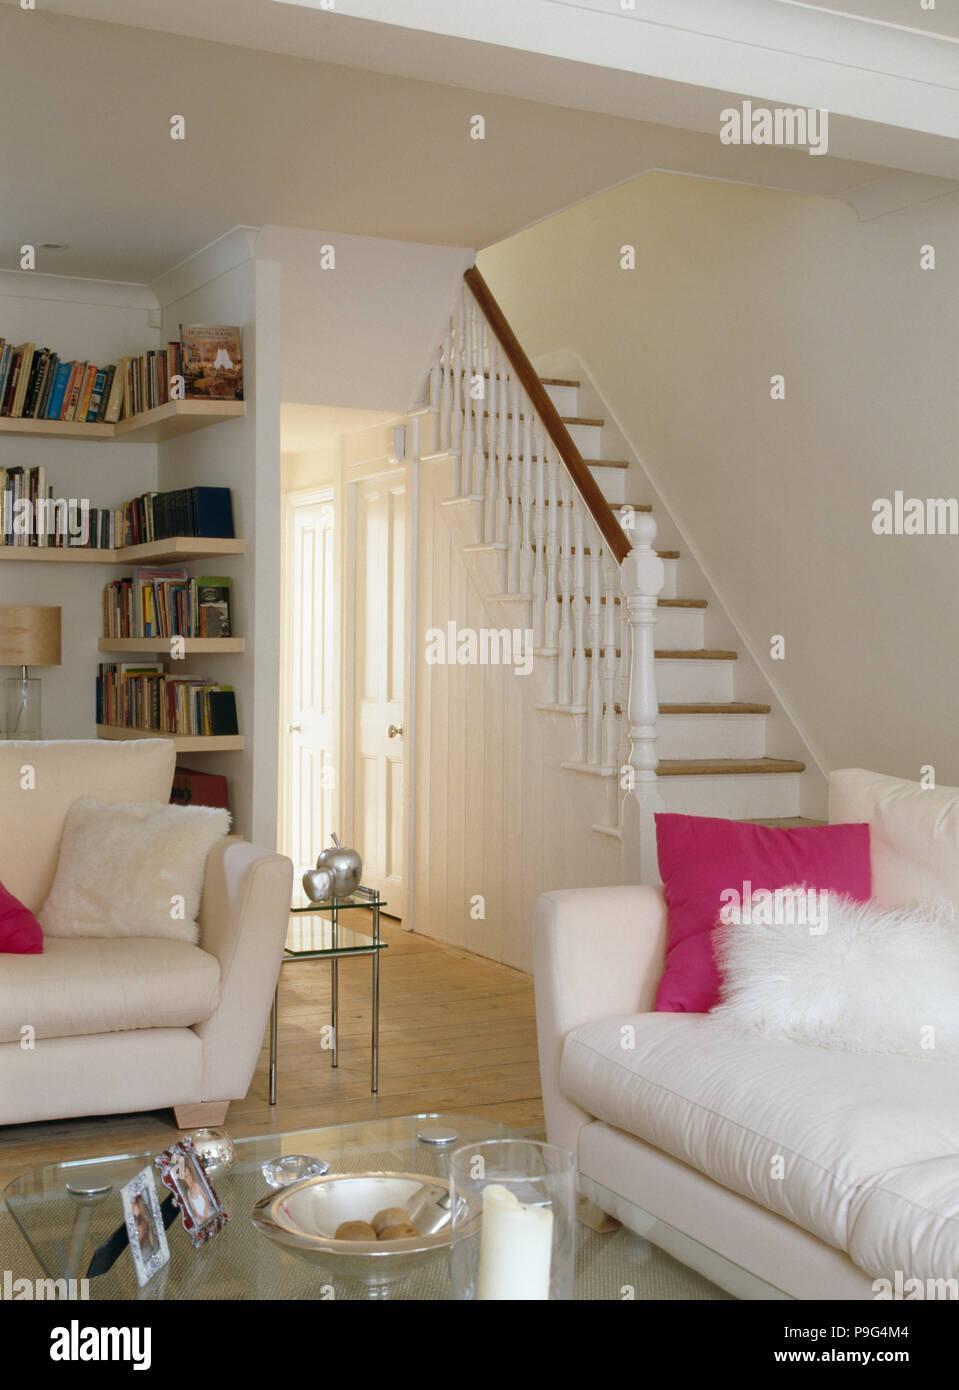 Rosa Und Flauschigen Weißen Kissen Auf Weißen Sofa Im Modernen Weißen  Wohnzimmer Mit Weiße Treppe